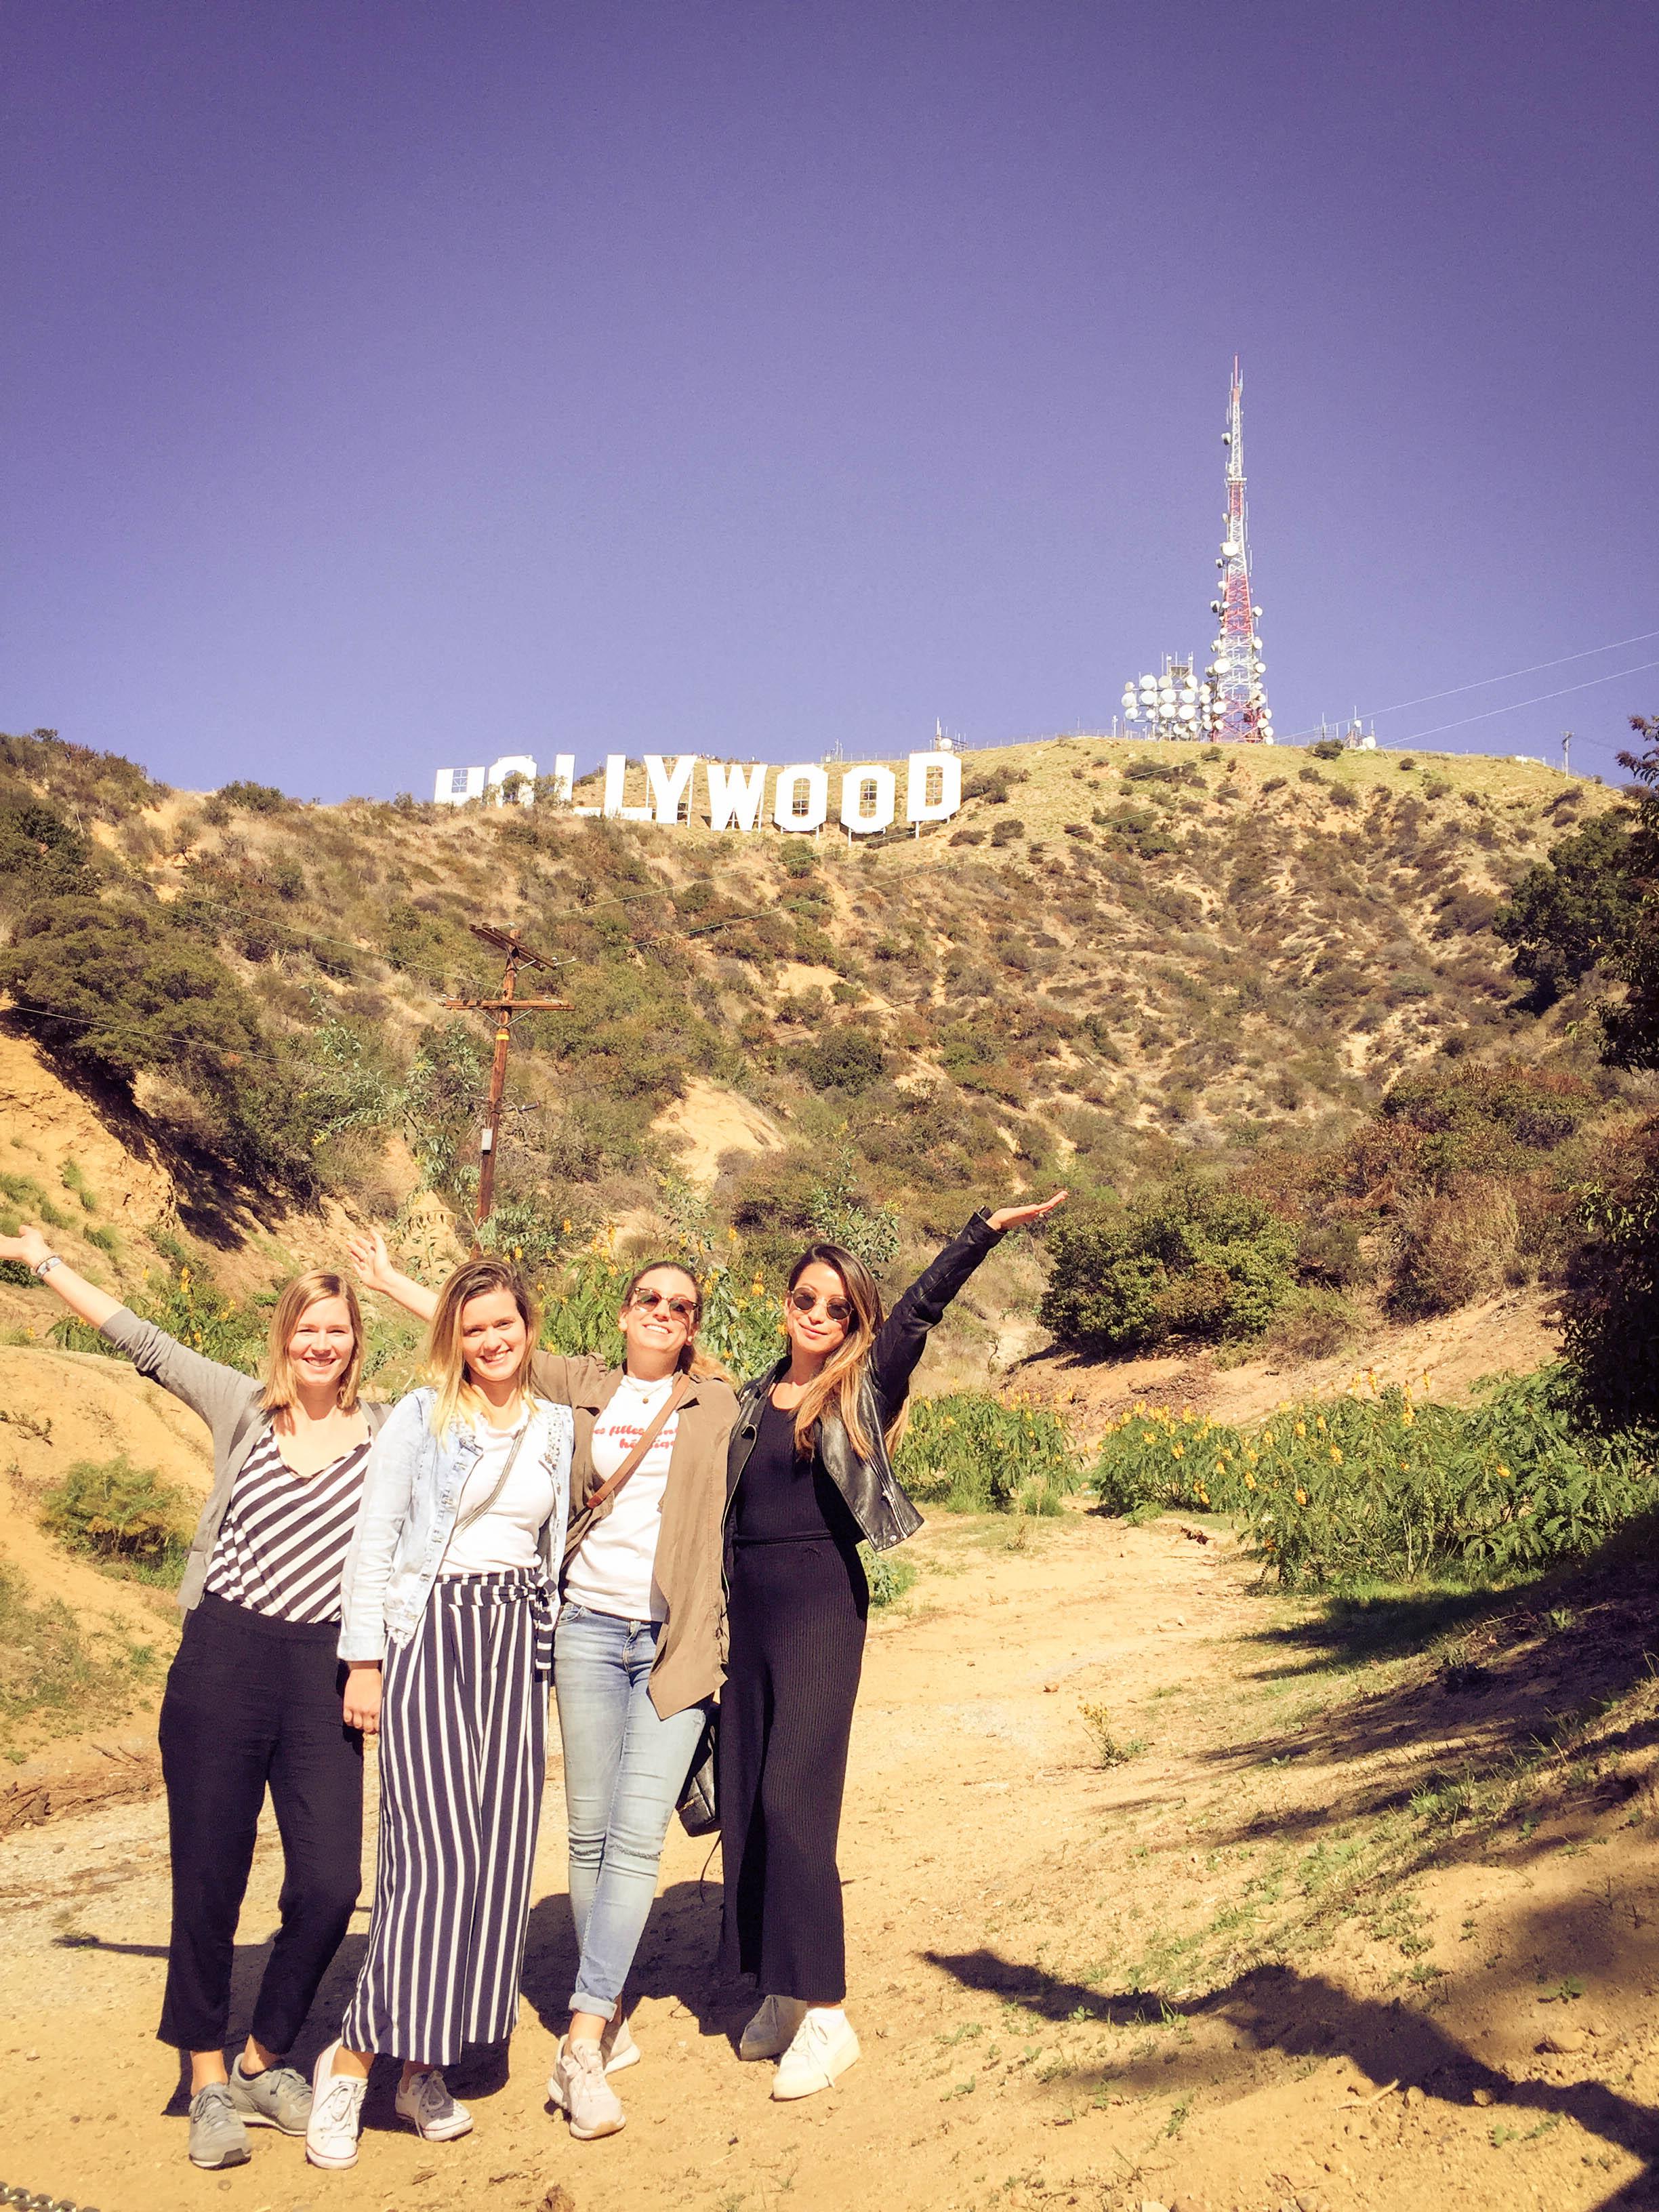 Group shot at the Hollywood sign.